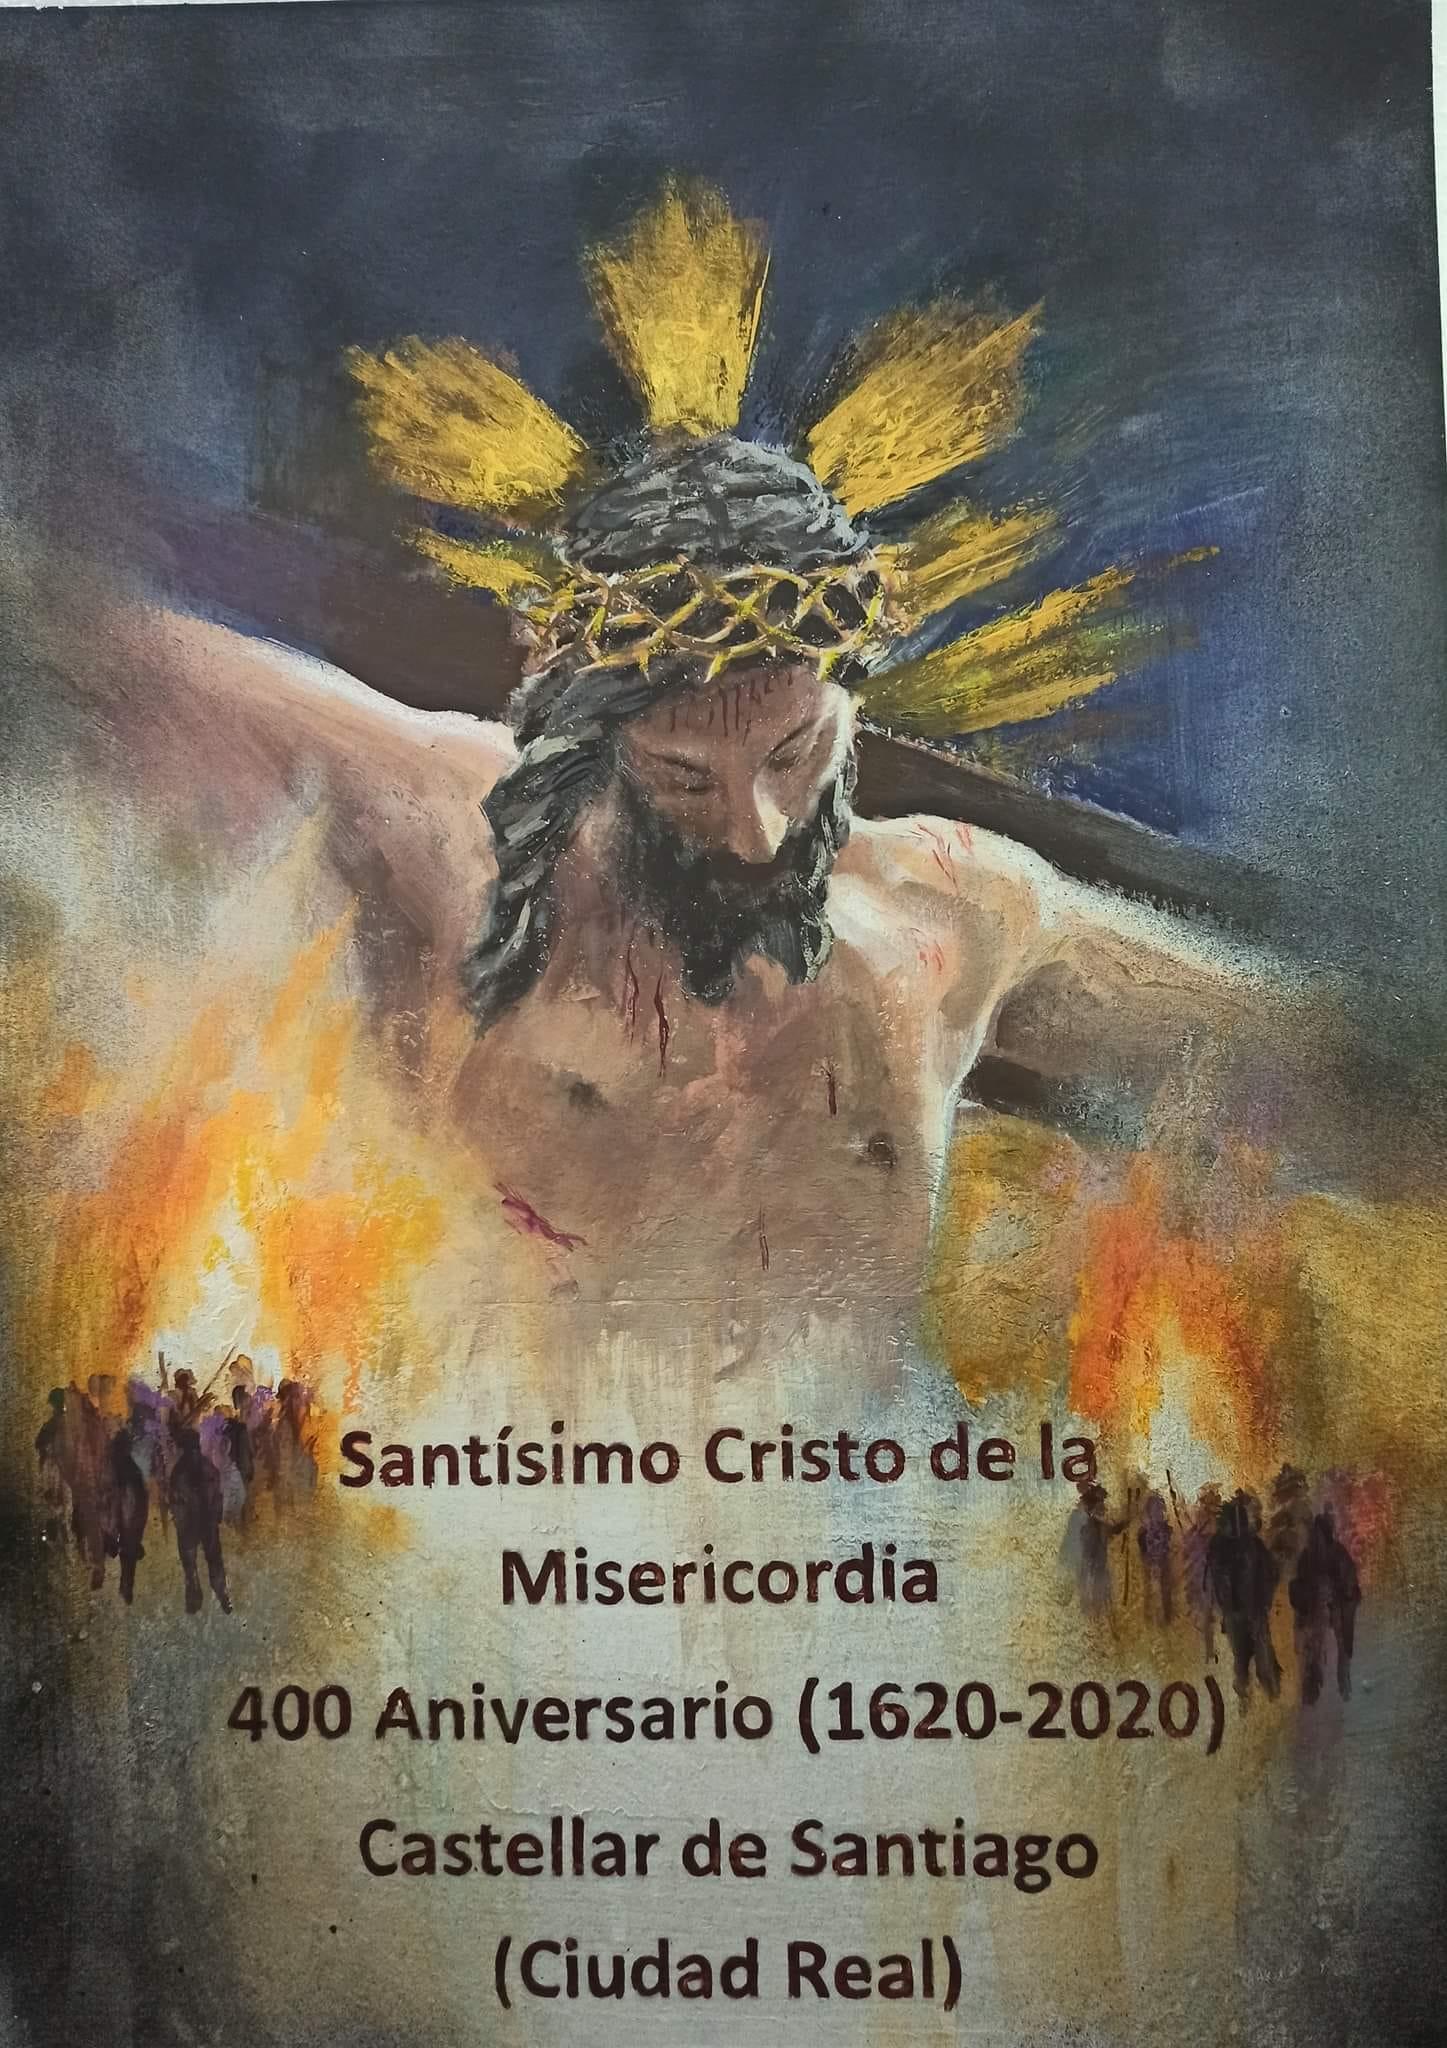 Nuestra Hermandad presente en los actos del 400 aniversario del Stmo. Cristo de la Misericordia de Castellar de Santiago.